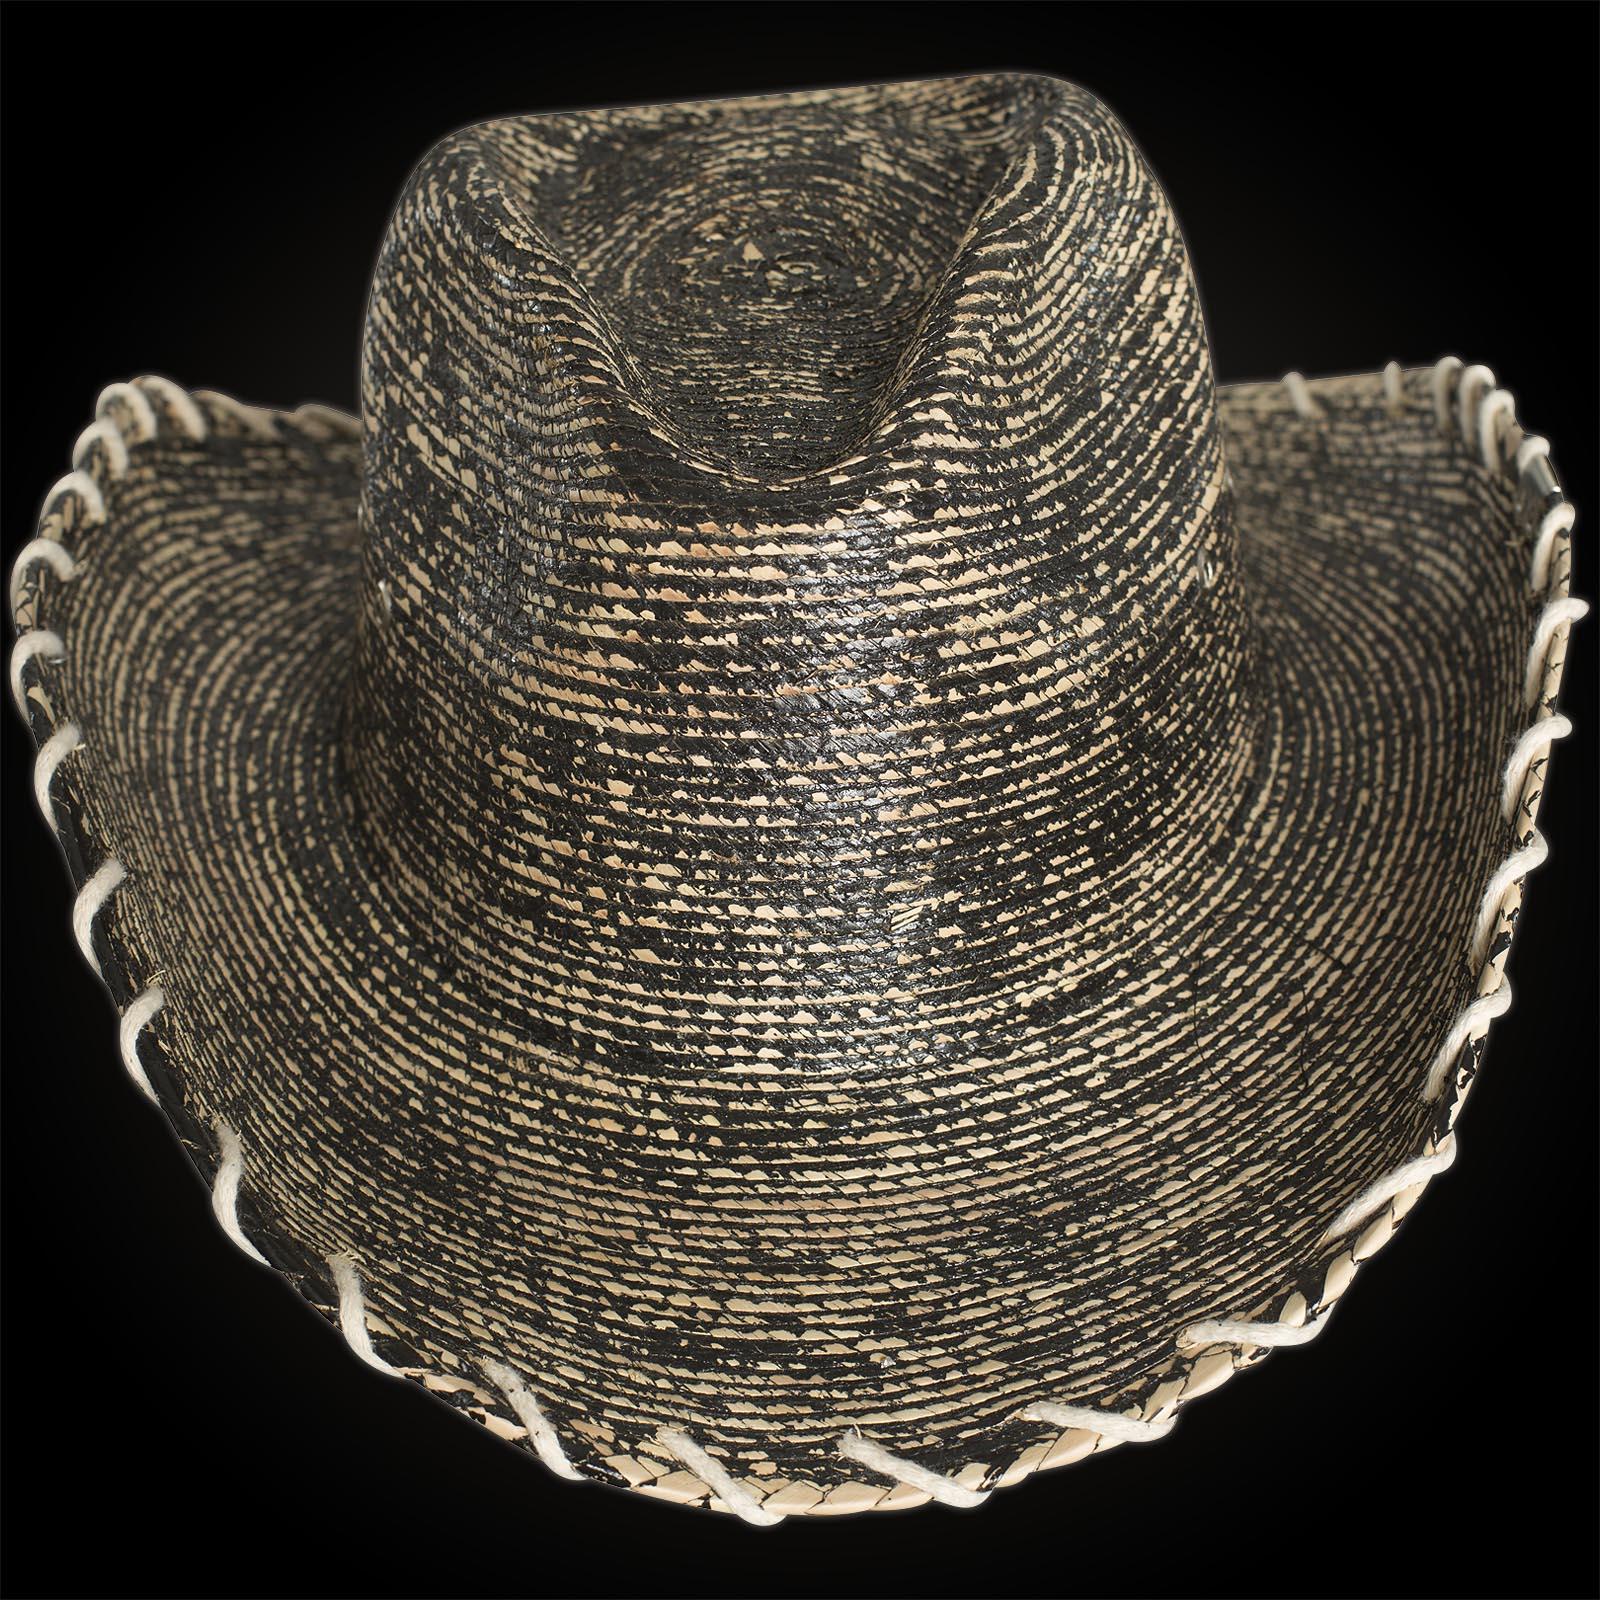 Wornstar Hat Essentials Hellrider HS Black   Natural Rocker Cowboy Hat  Beige Black ... 12c0090783a